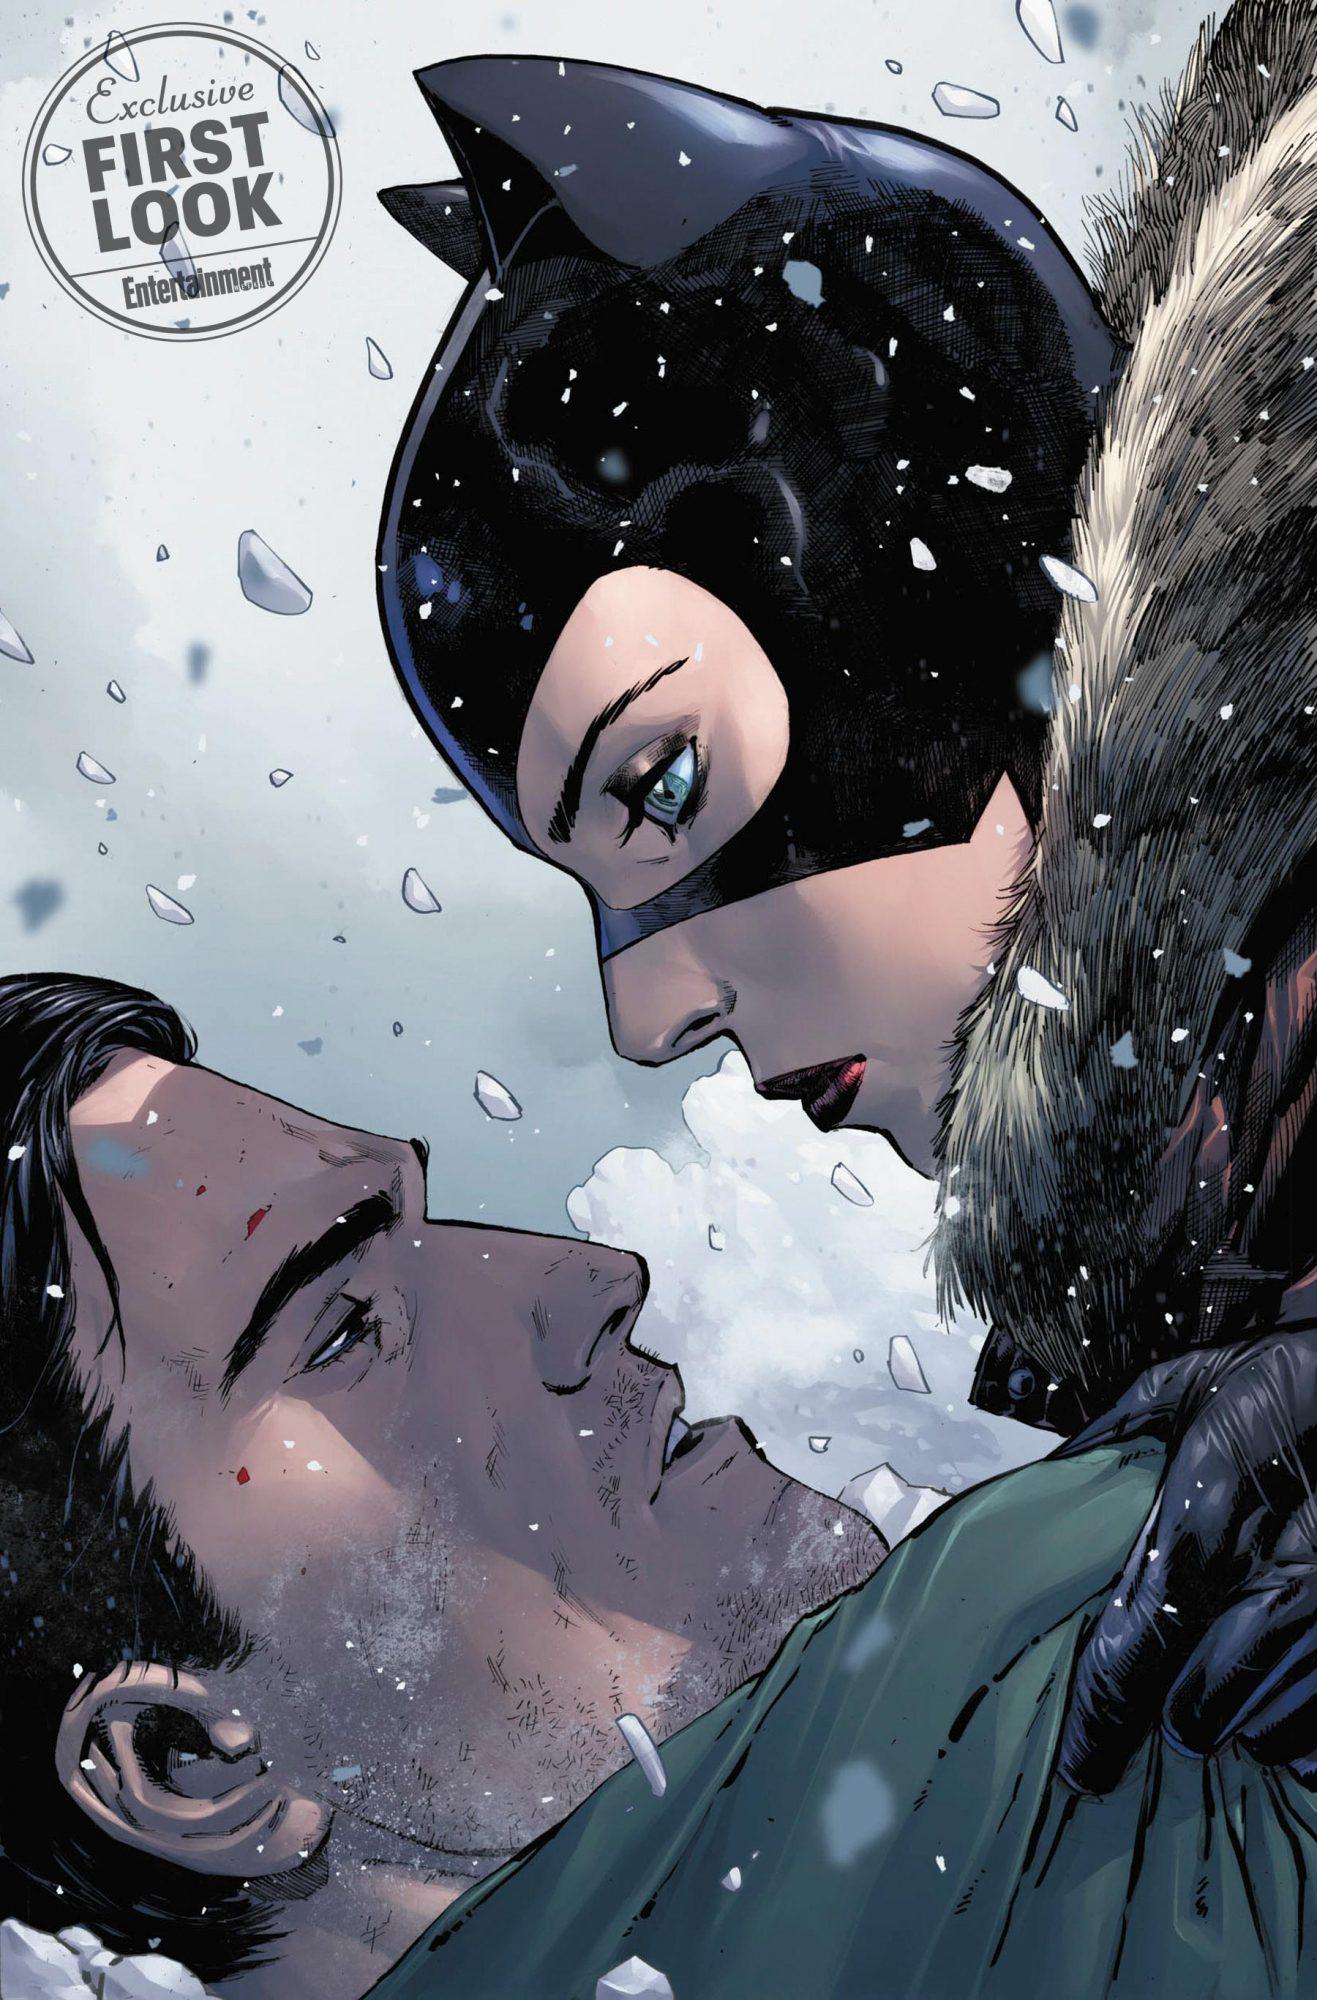 Batman #75 comic Batman and Catwoman Credit: DC Comics